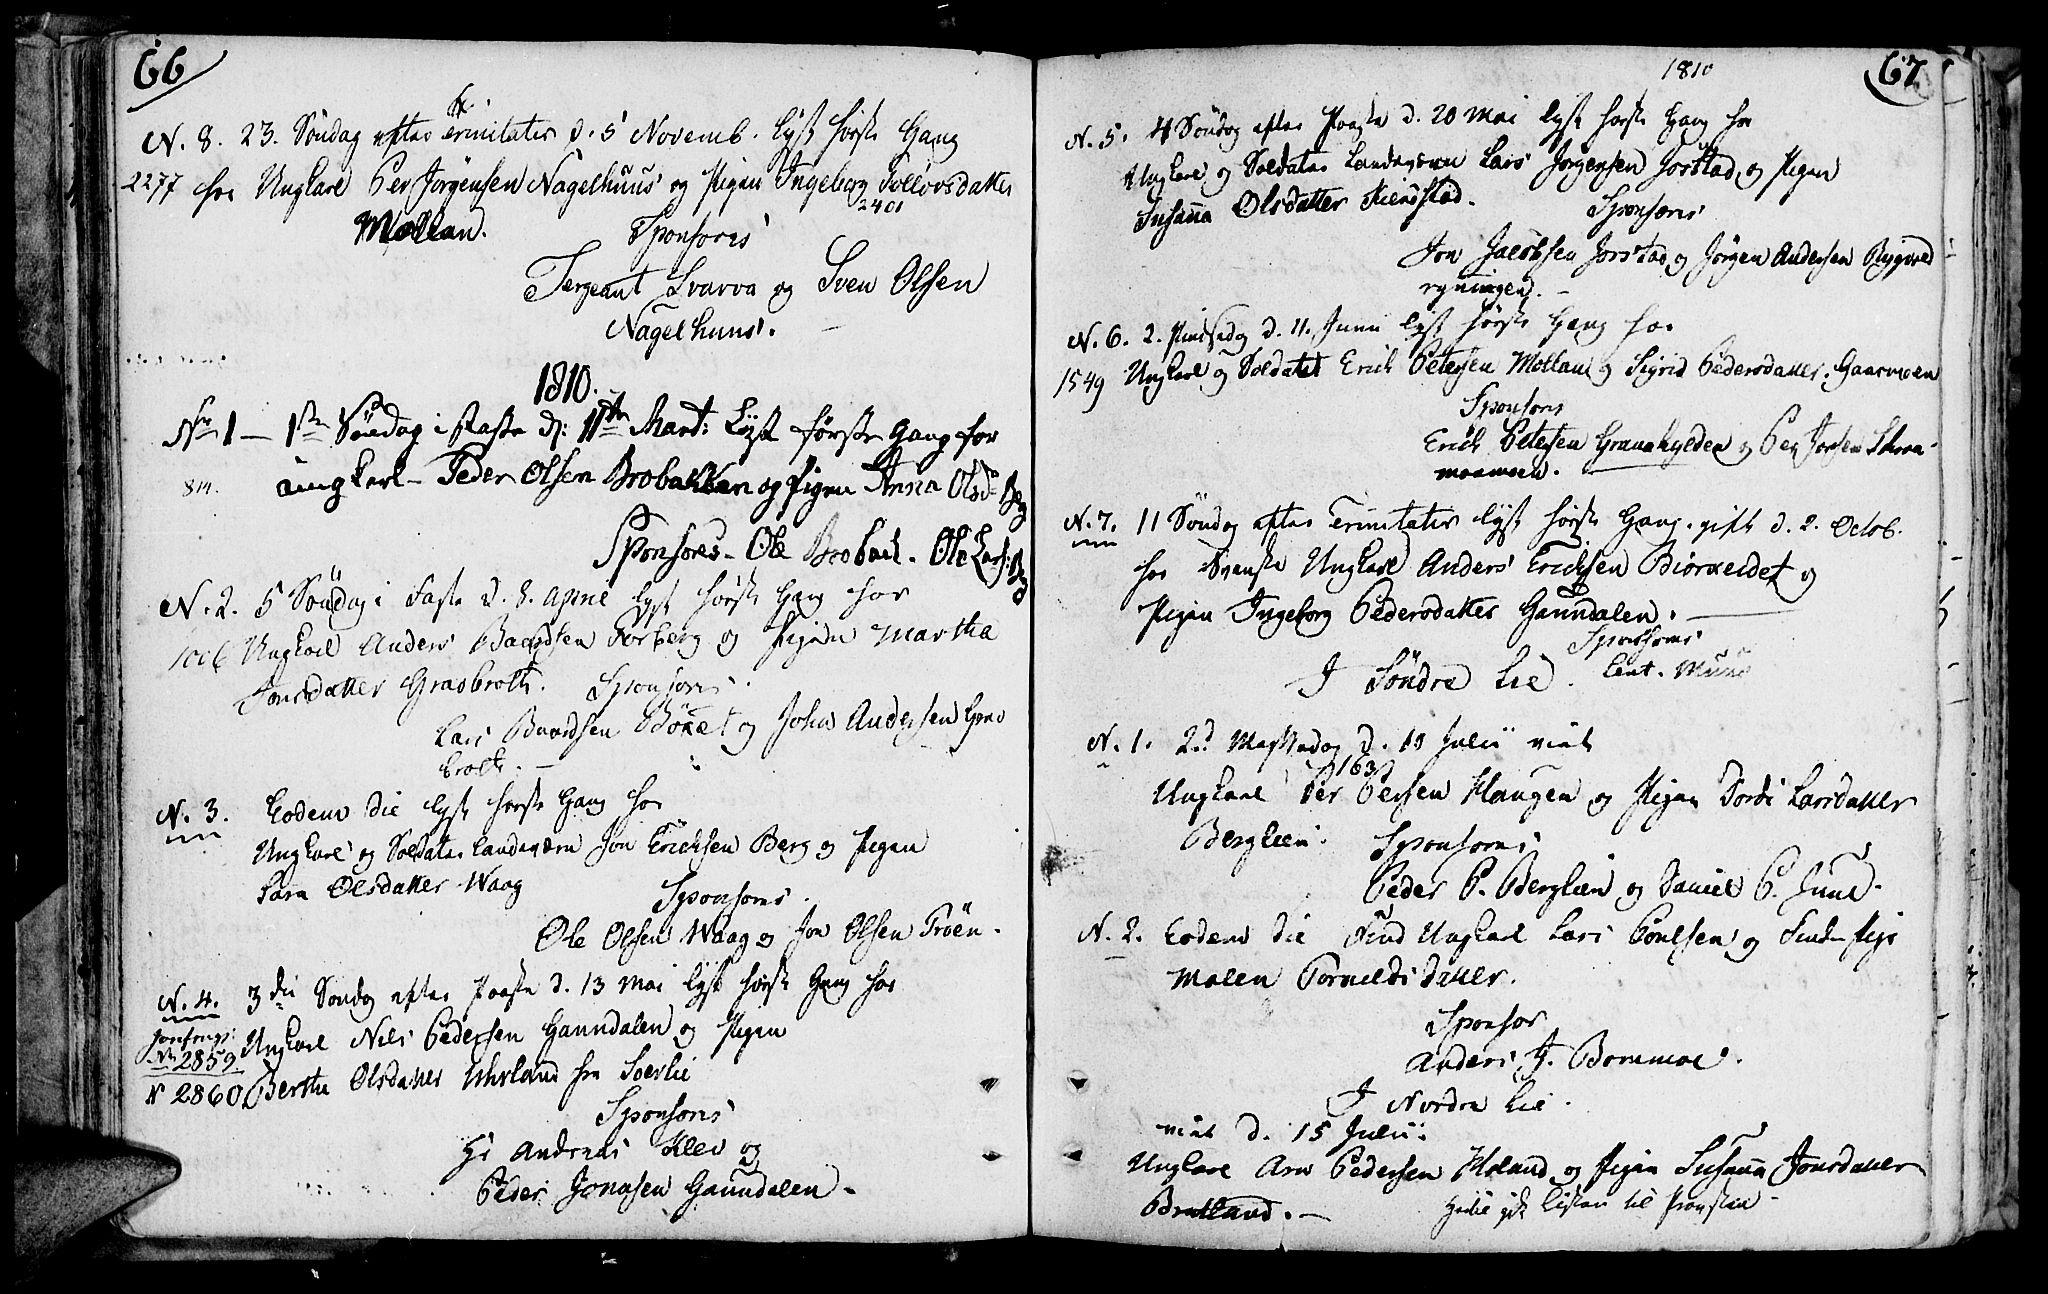 SAT, Ministerialprotokoller, klokkerbøker og fødselsregistre - Nord-Trøndelag, 749/L0468: Ministerialbok nr. 749A02, 1787-1817, s. 66-67